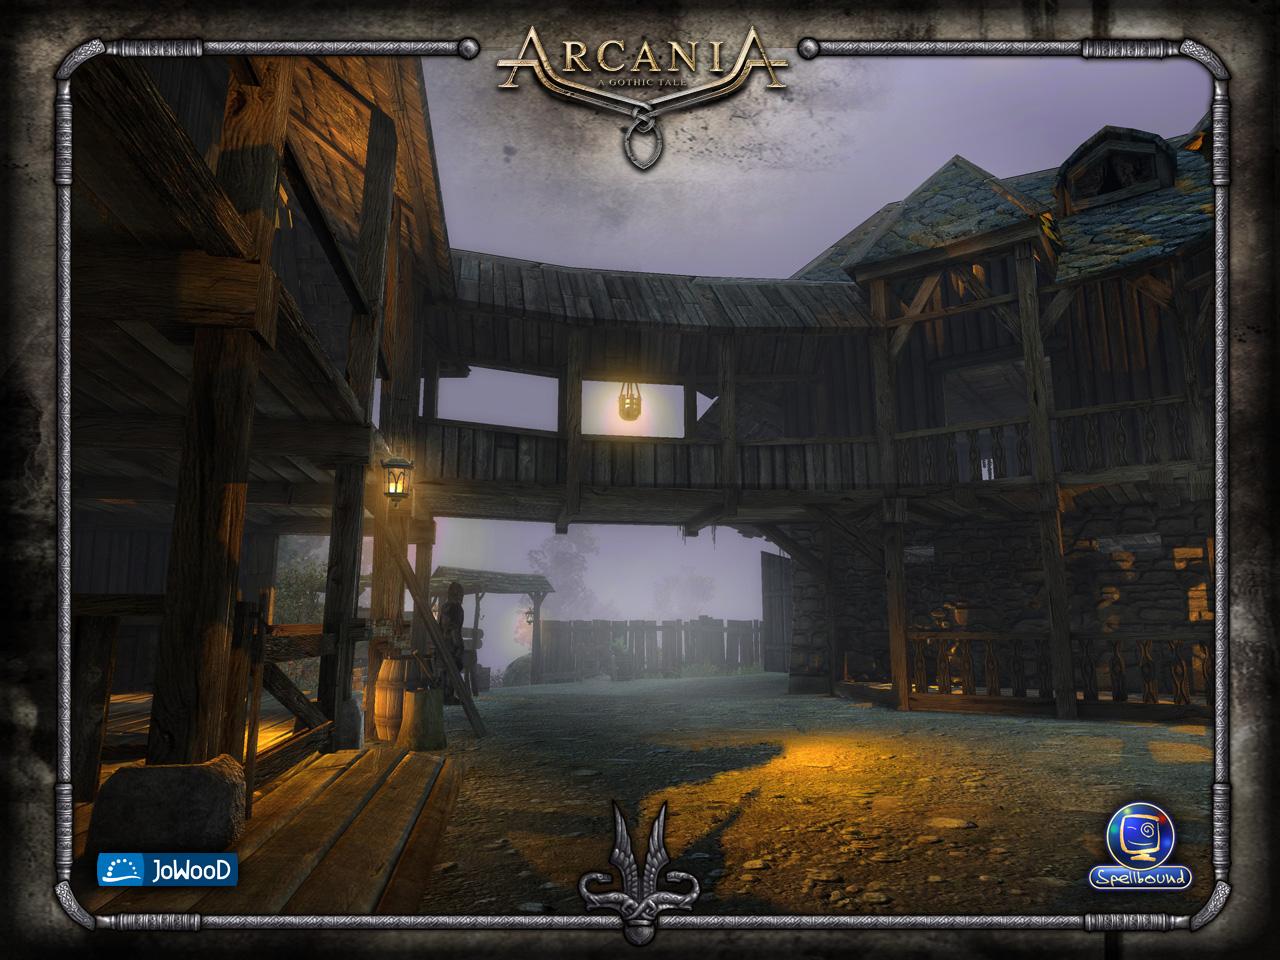 Klicke auf die Grafik für eine größere Ansicht  Name:arcania_new4.jpg Hits:59 Größe:426,7 KB ID:77778